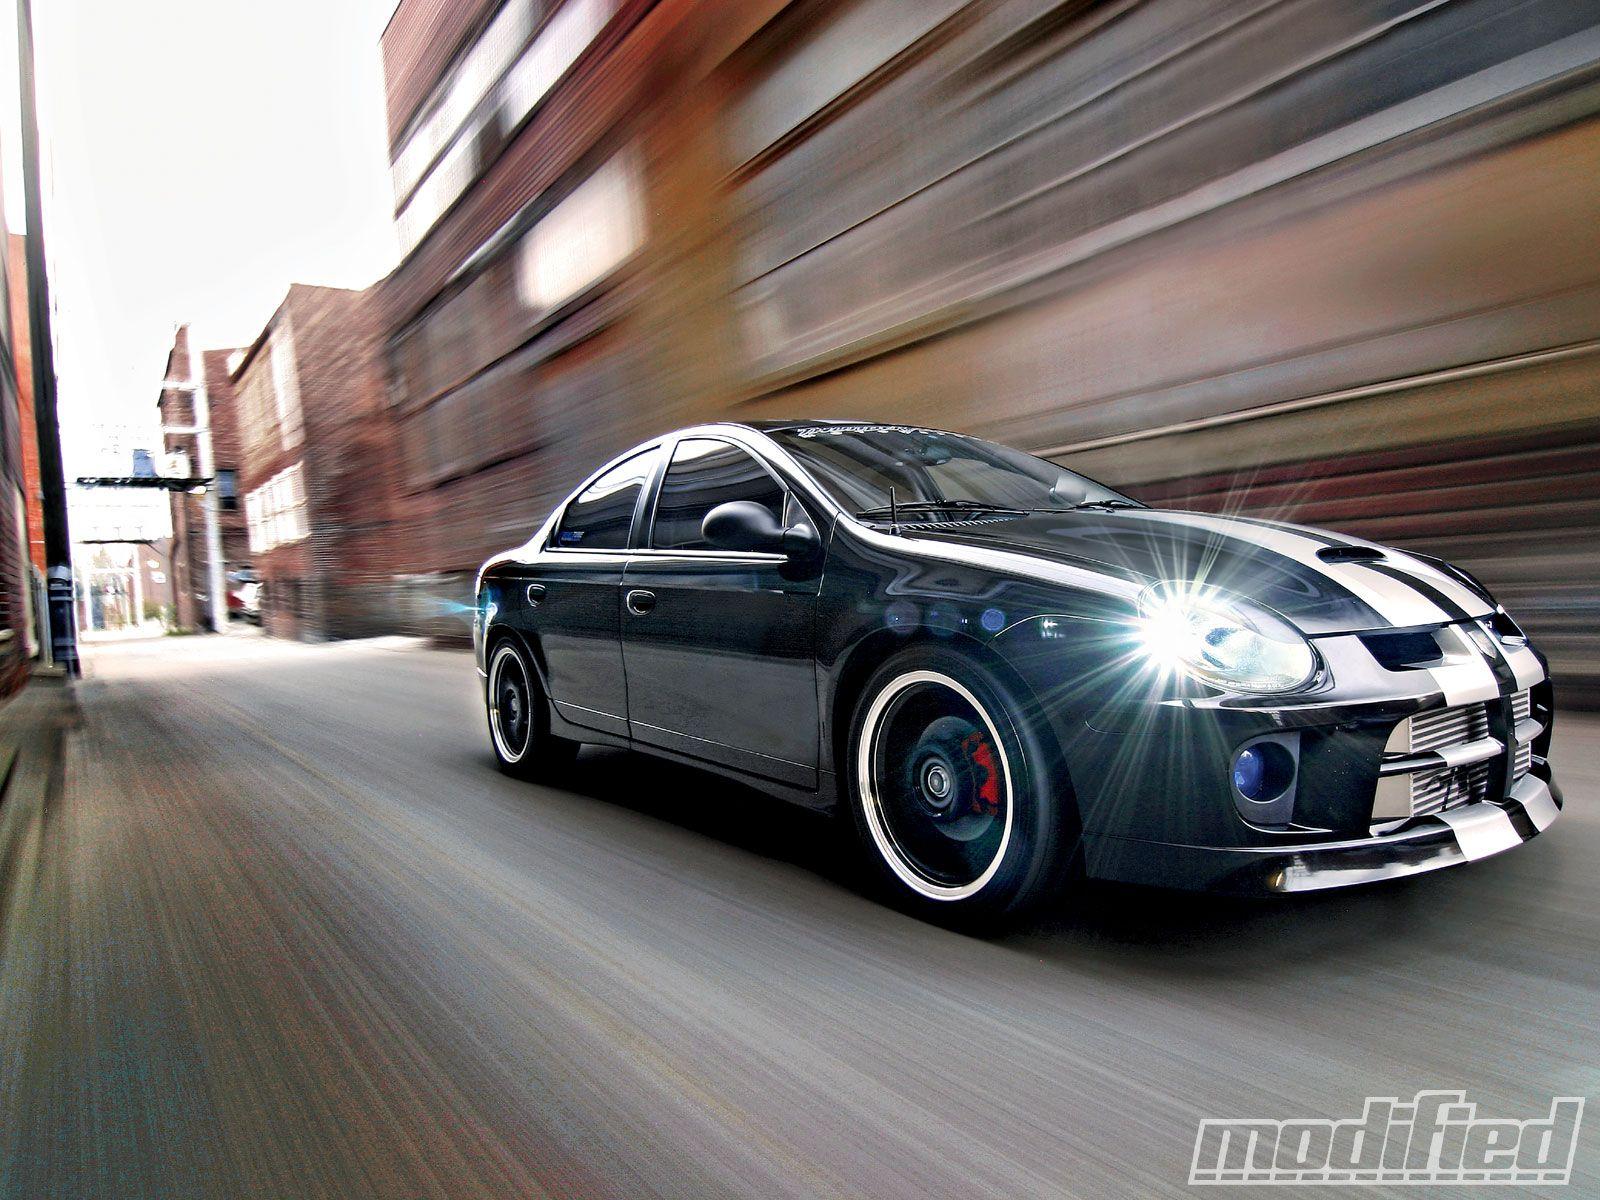 2005 Dodge Neon Srt 4 Pictures Mods Upgrades Wallpaper Dodge Neon Srt